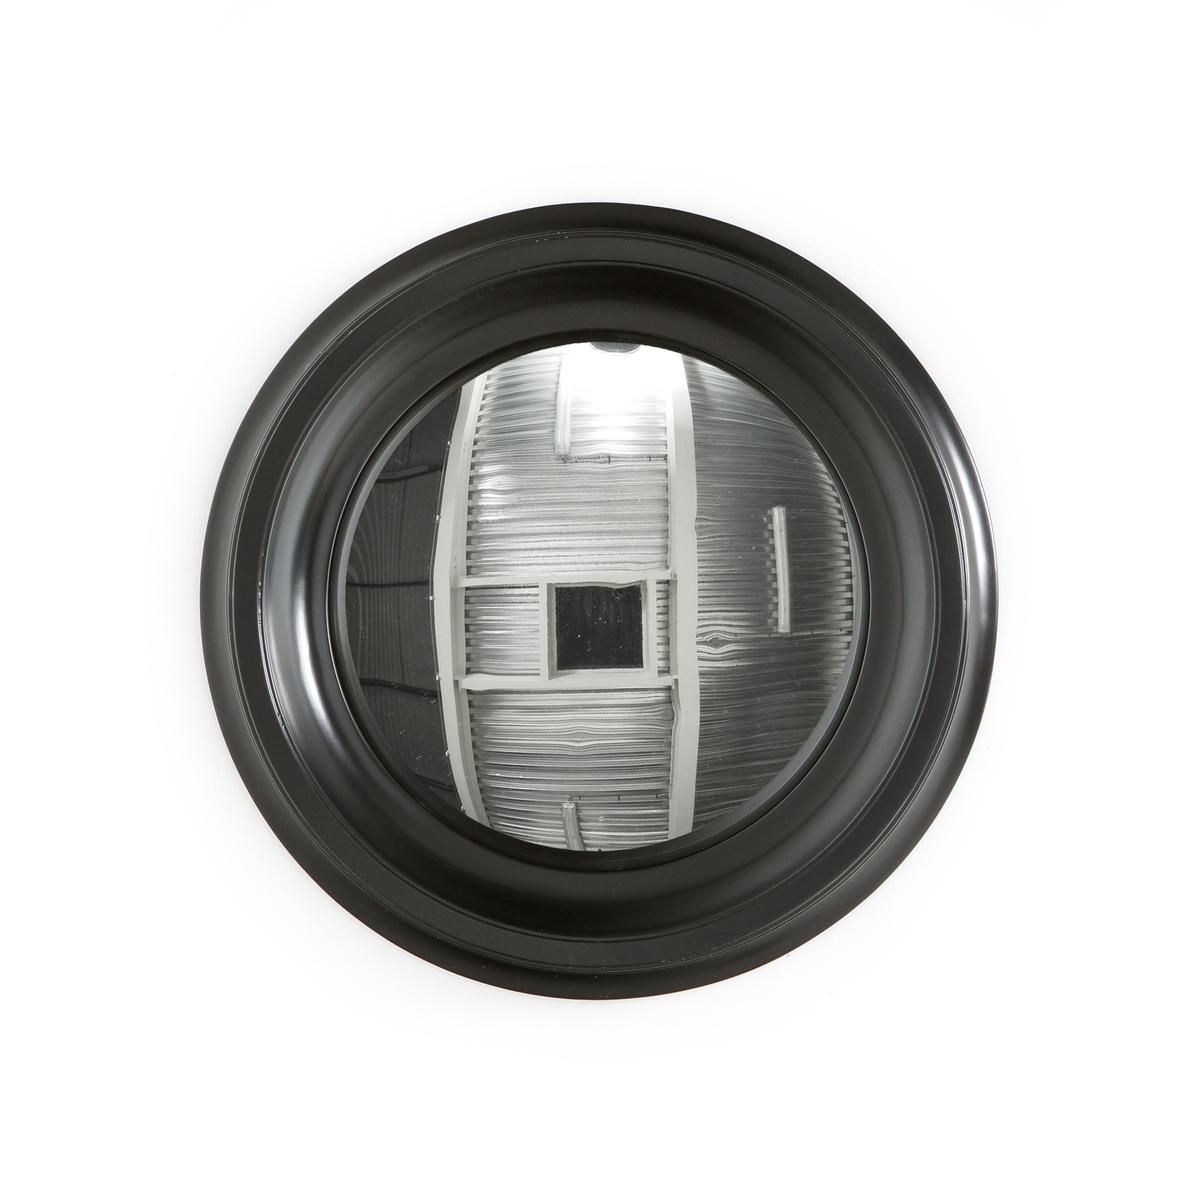 Зеркало LaRedoute Чародейки круглое диаметр 43 см Samantha единый размер черный 3 картины laredoute wekoso единый размер черный